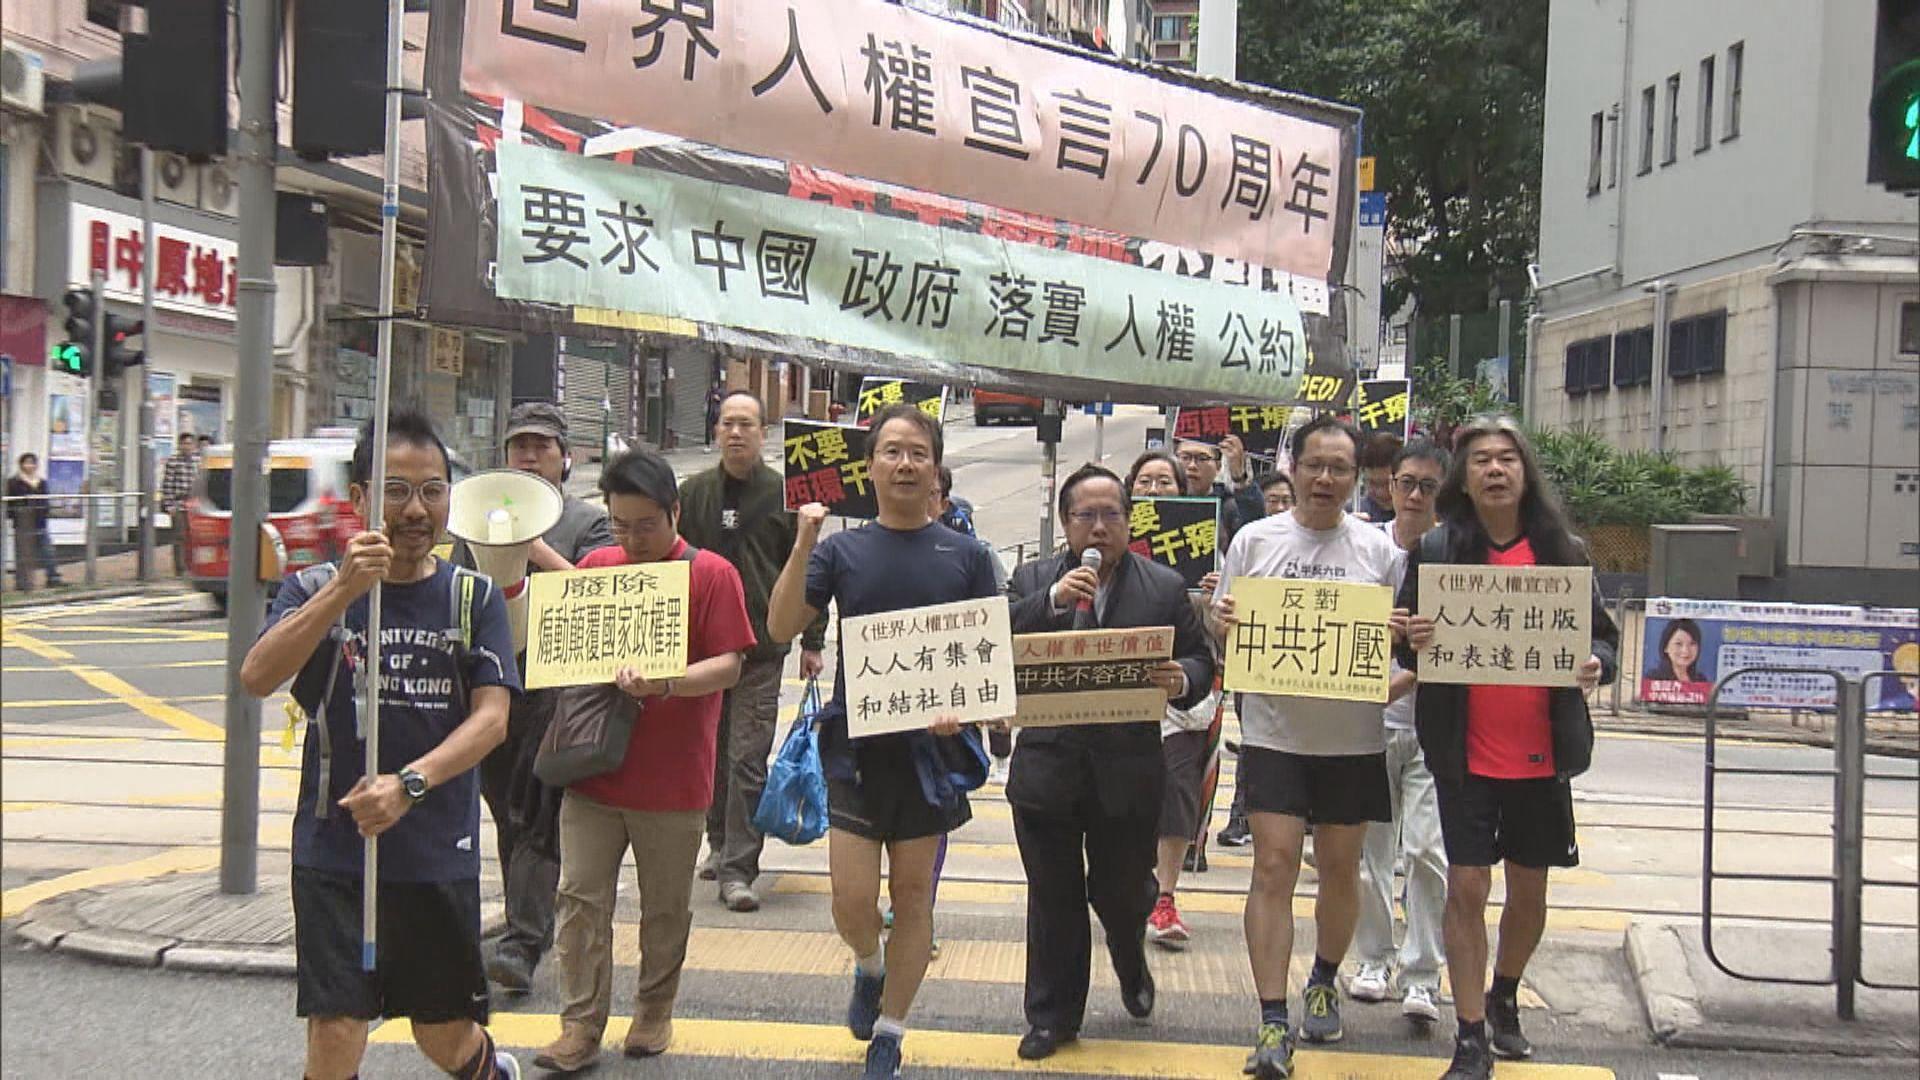 支聯會要求中國落實人權公約